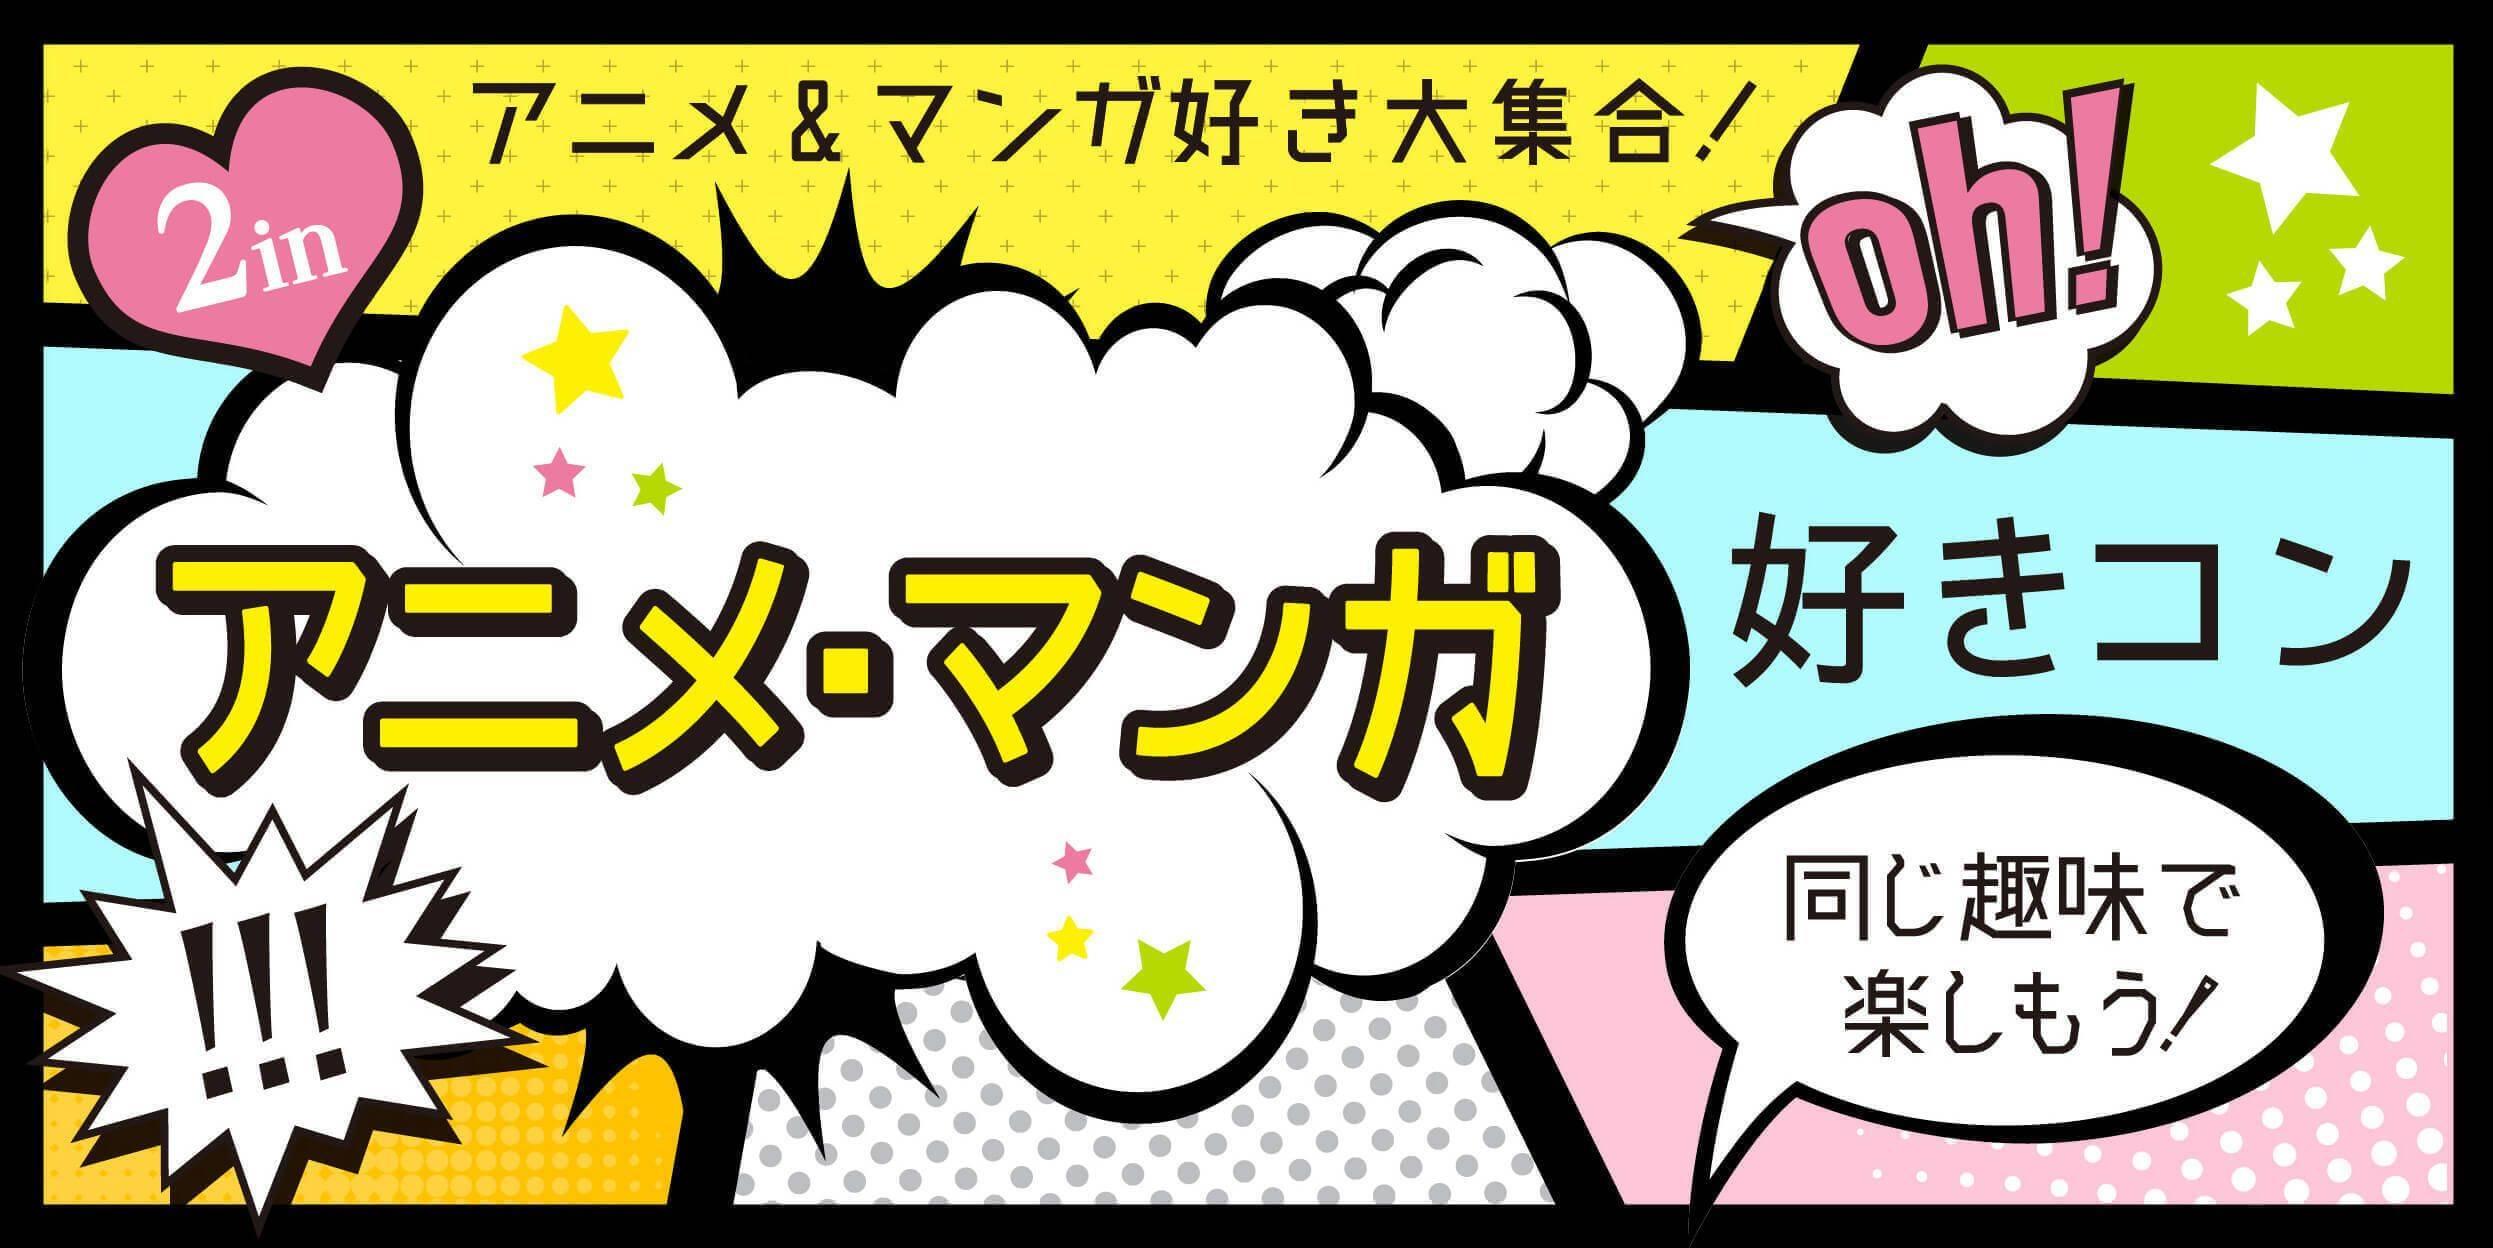 【高松のプチ街コン】合同会社ツイン主催 2017年8月26日